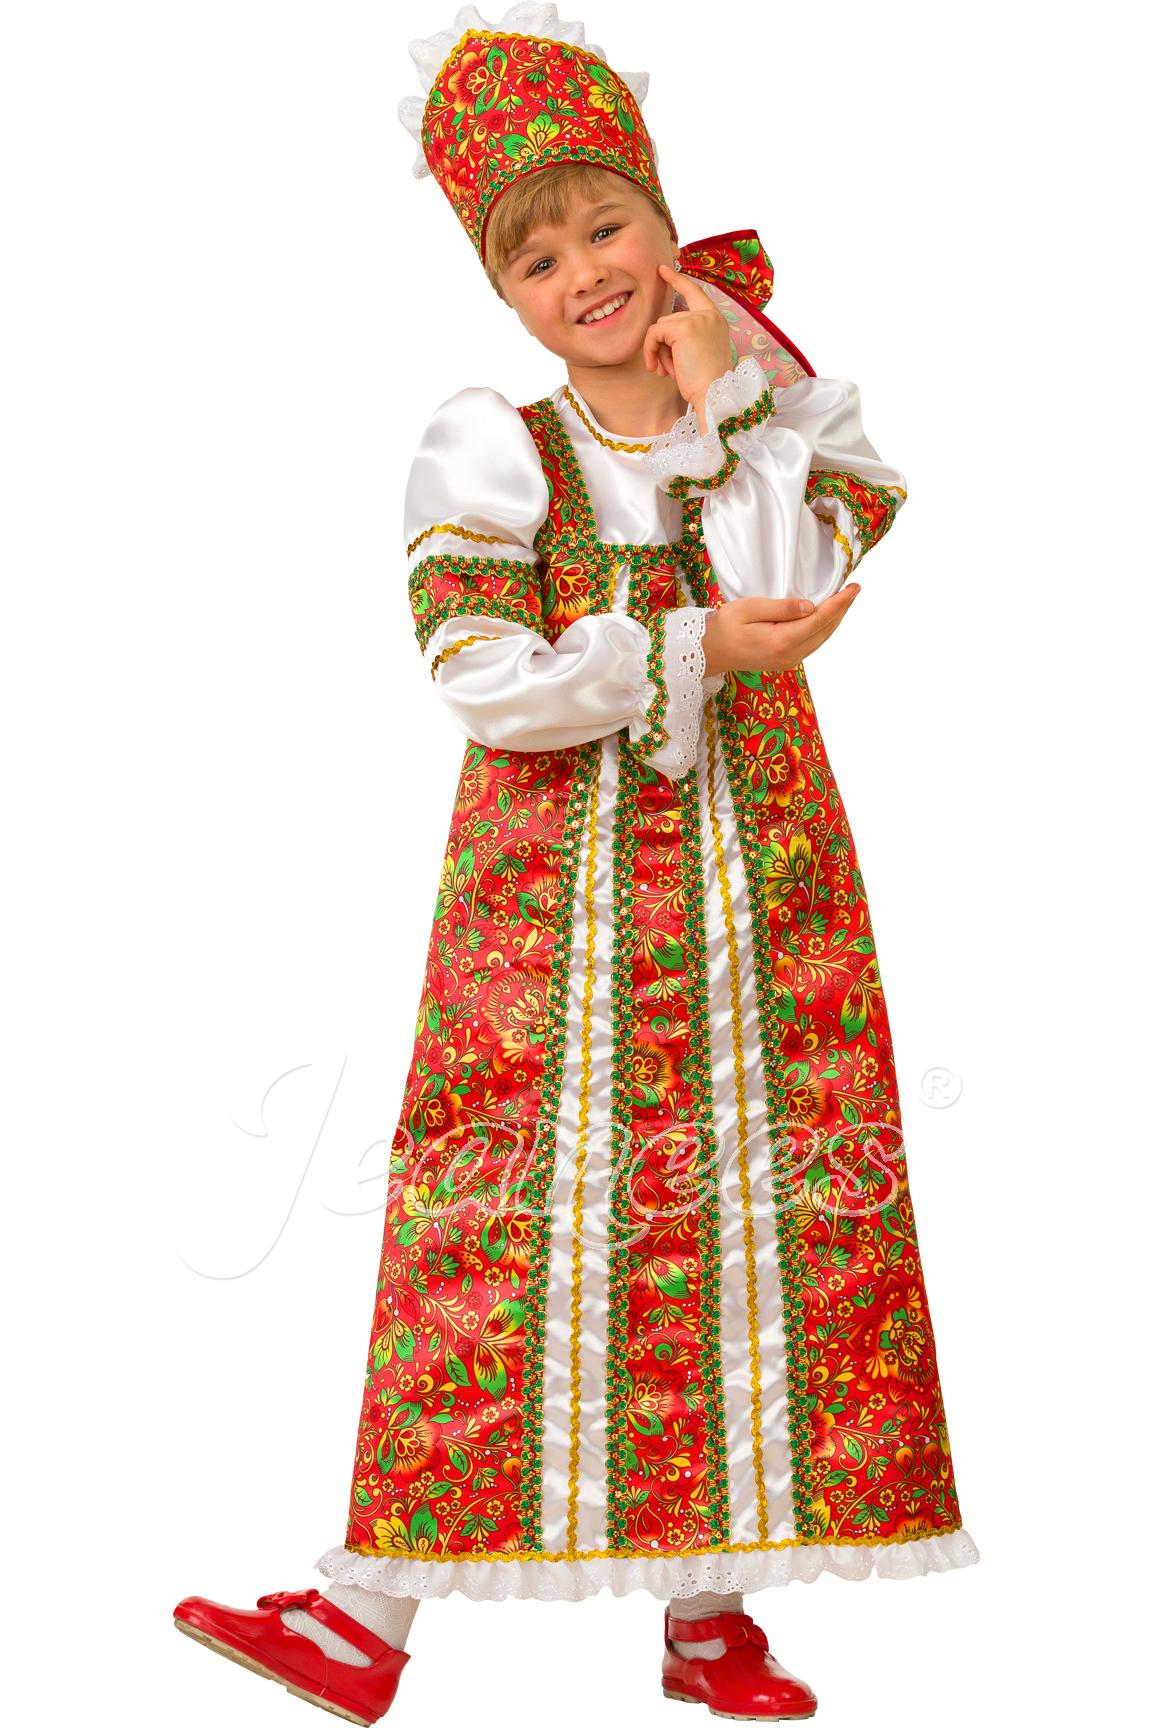 Аленушка (Сказочная страна) детский карнавальный костюм